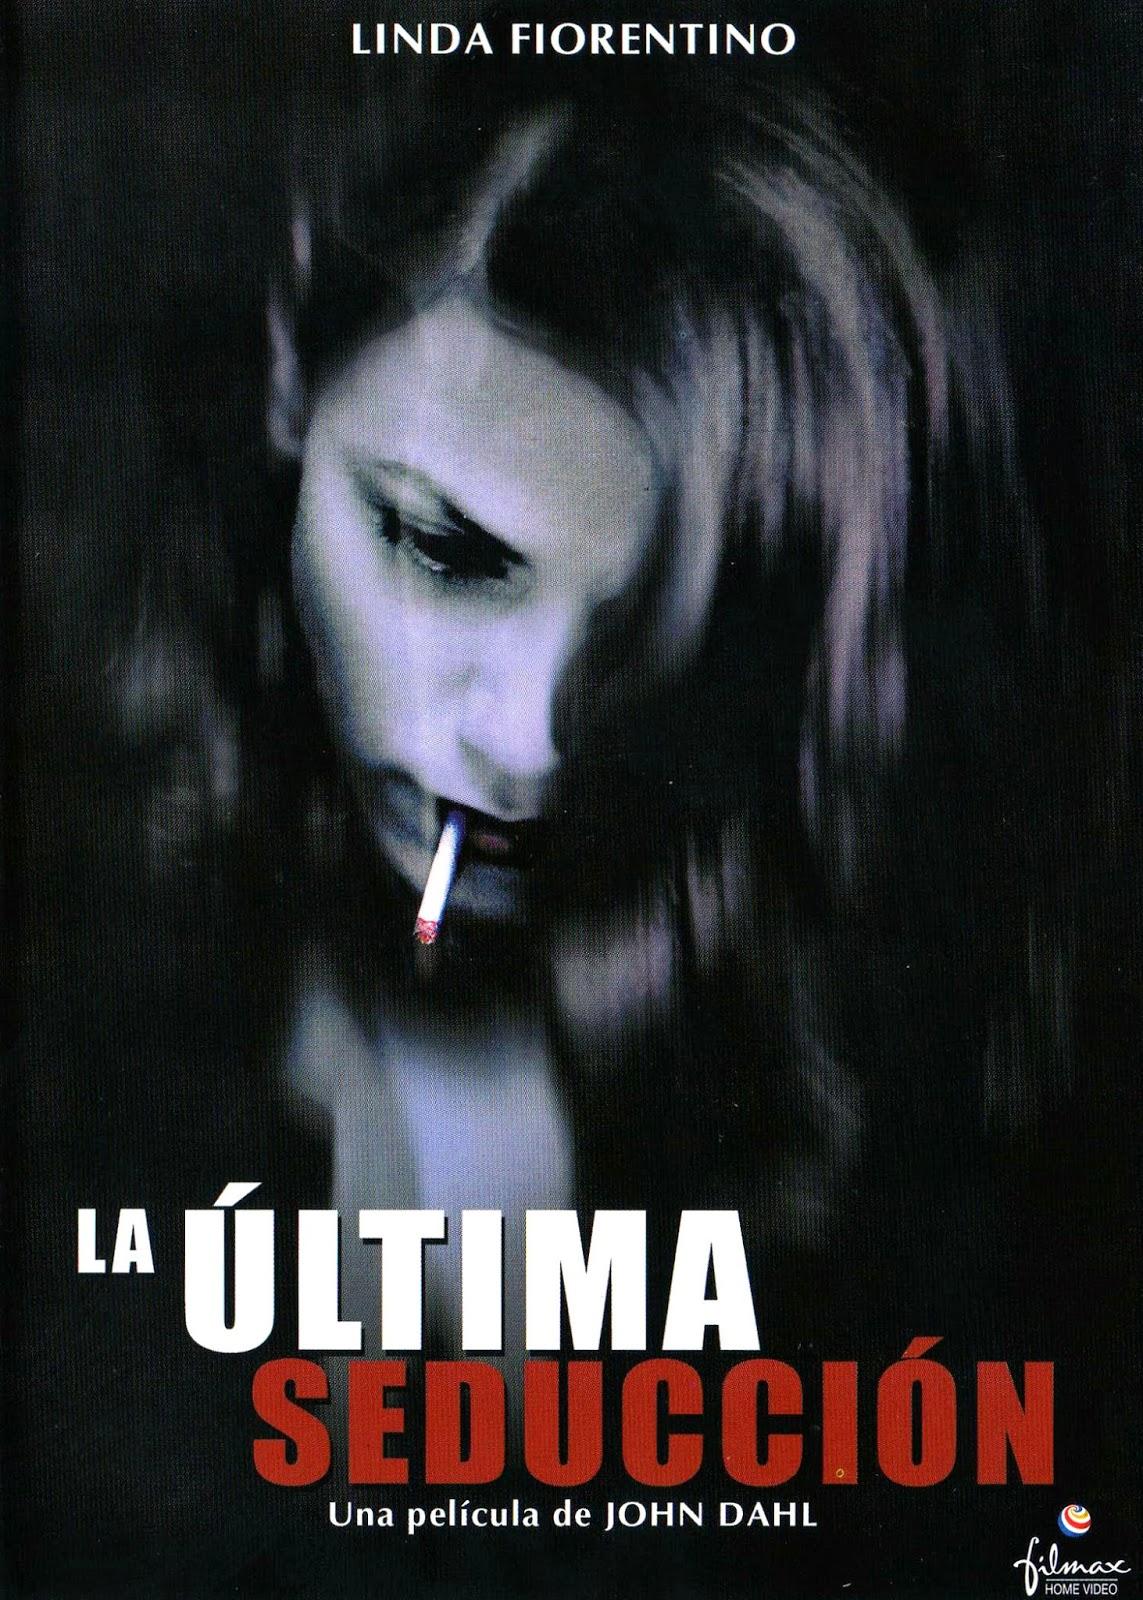 La ultima seducción (1994) Drama